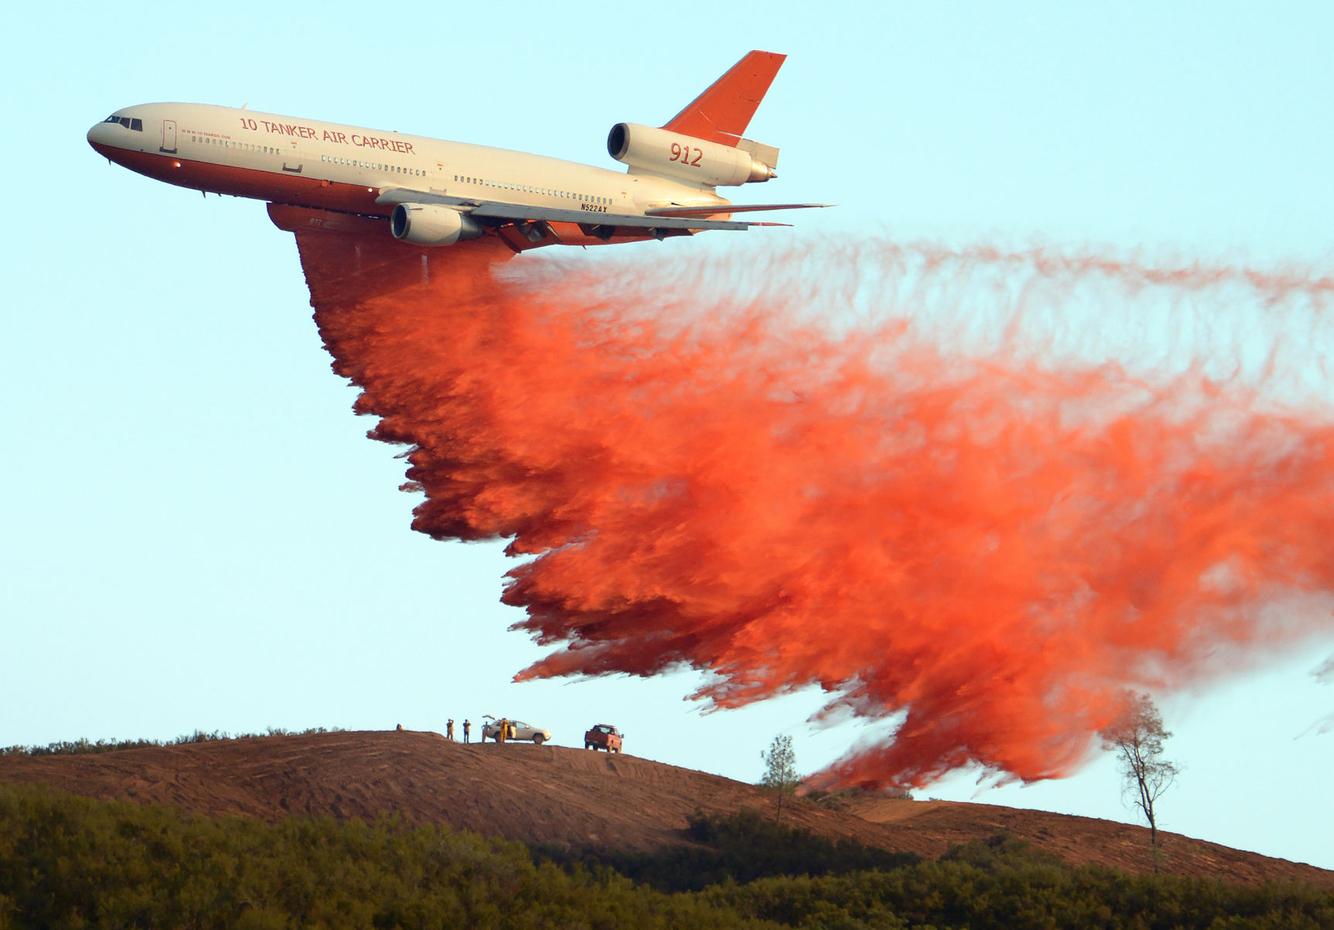 An air support tanker drops fire retardant on a ridge